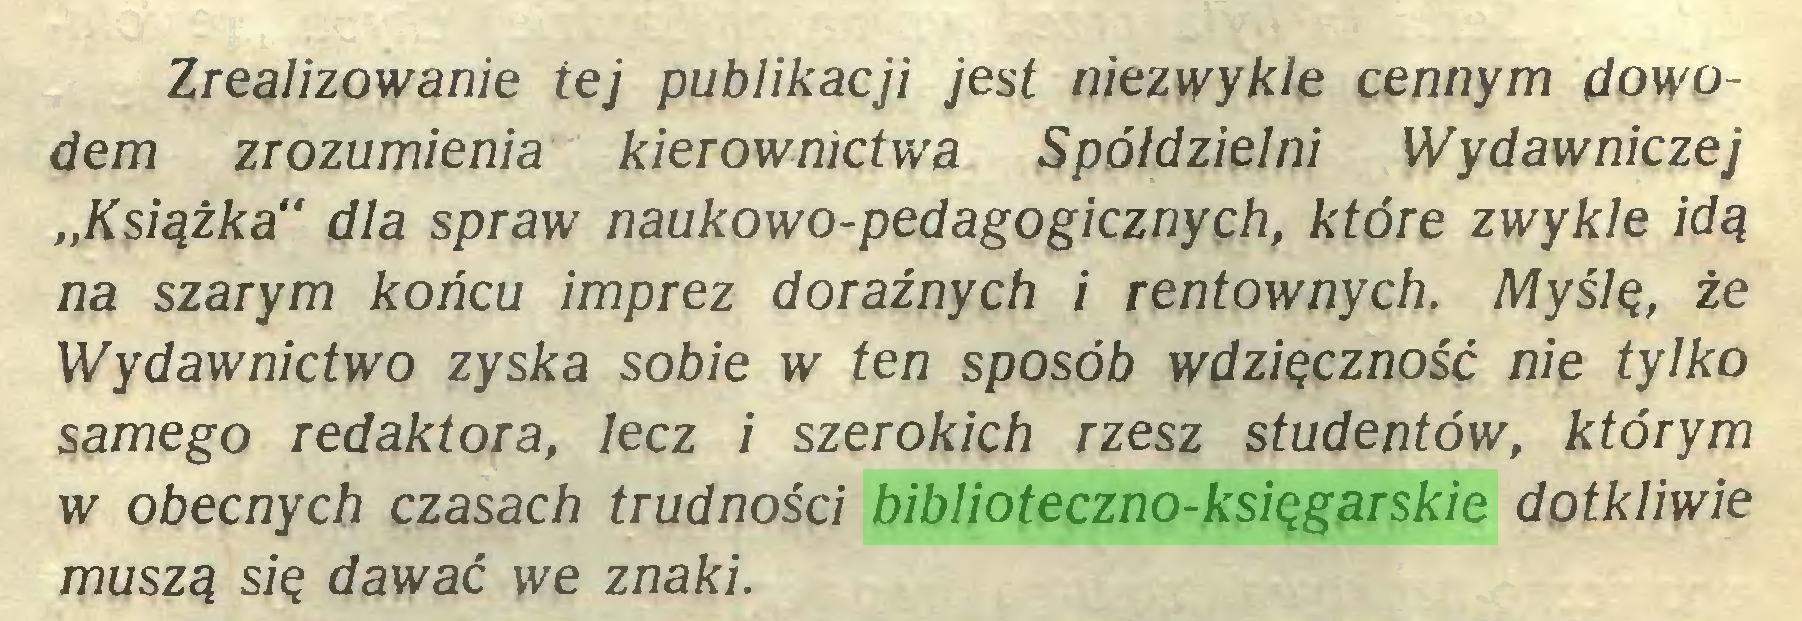 """(...) Zrealizowanie tej publikacji jest niezwykle cennym dowodem zrozumienia kierownictwa Spółdzielni Wydawniczej """"Książka"""" dla spraw naukowo-pedagogicznych, które zwykle idą na szarym końcu imprez doraźnych i rentownych. Myślę, że Wydawnictwo zyska sobie w ten sposób wdzięczność nie tylko samego redaktora, lecz i szerokich rzesz studentów, którym w obecnych czasach trudności biblioteczno-księgarskie dotkliwie muszą się dawać we znaki..."""